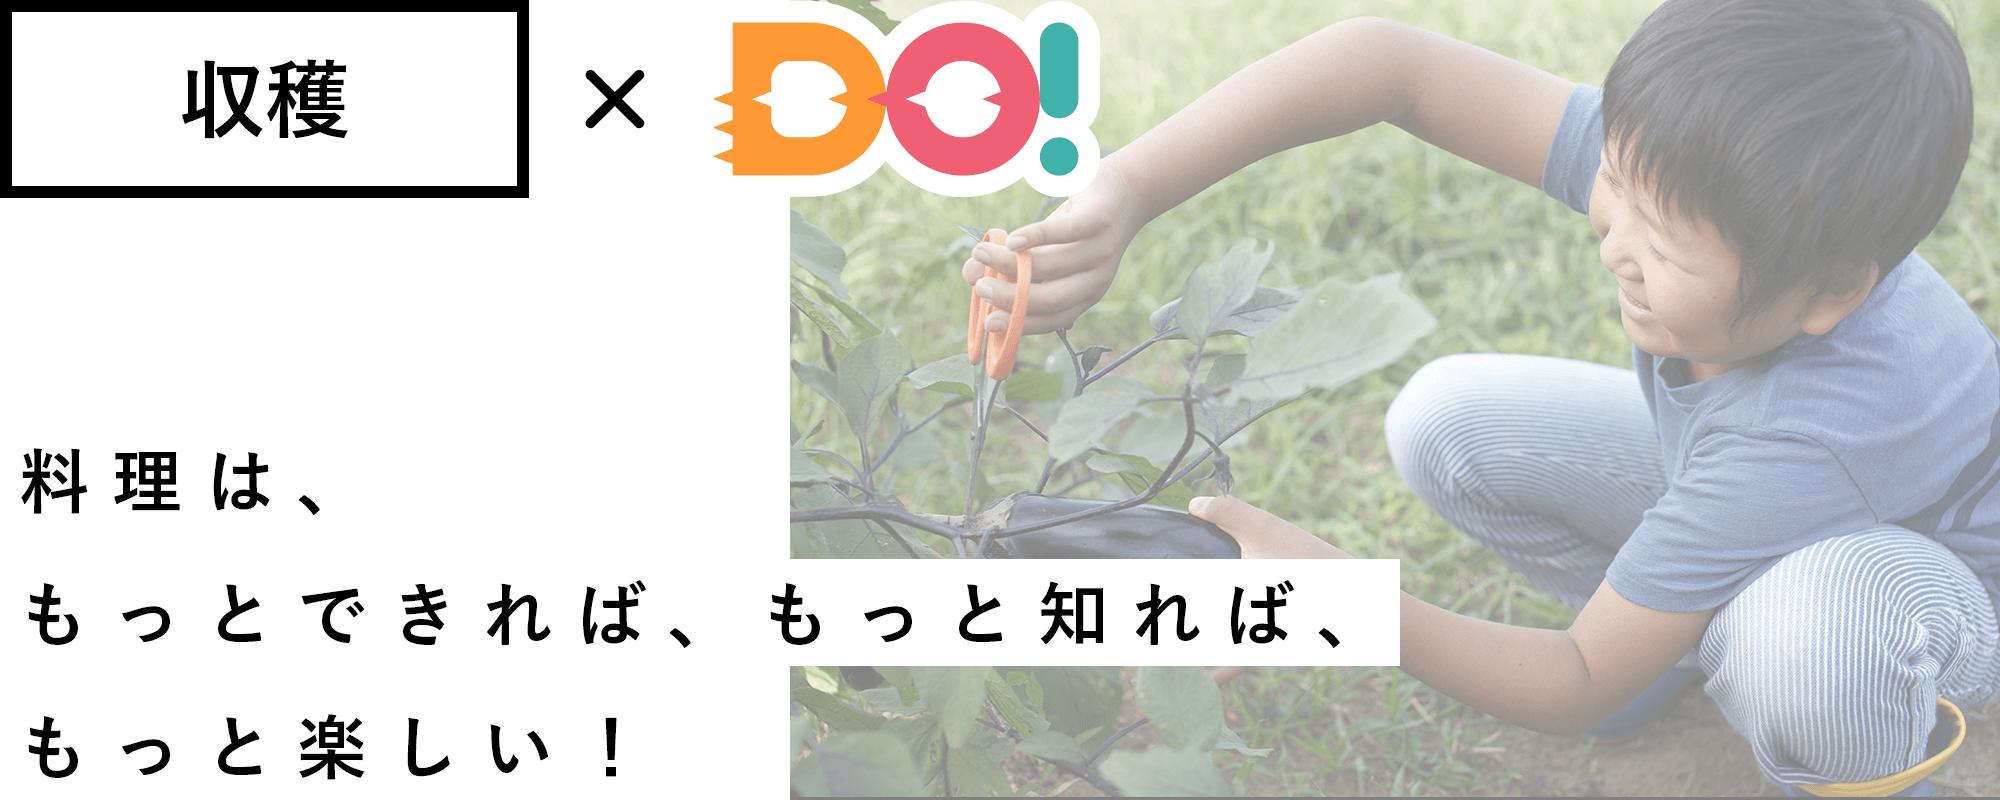 収穫×Do!